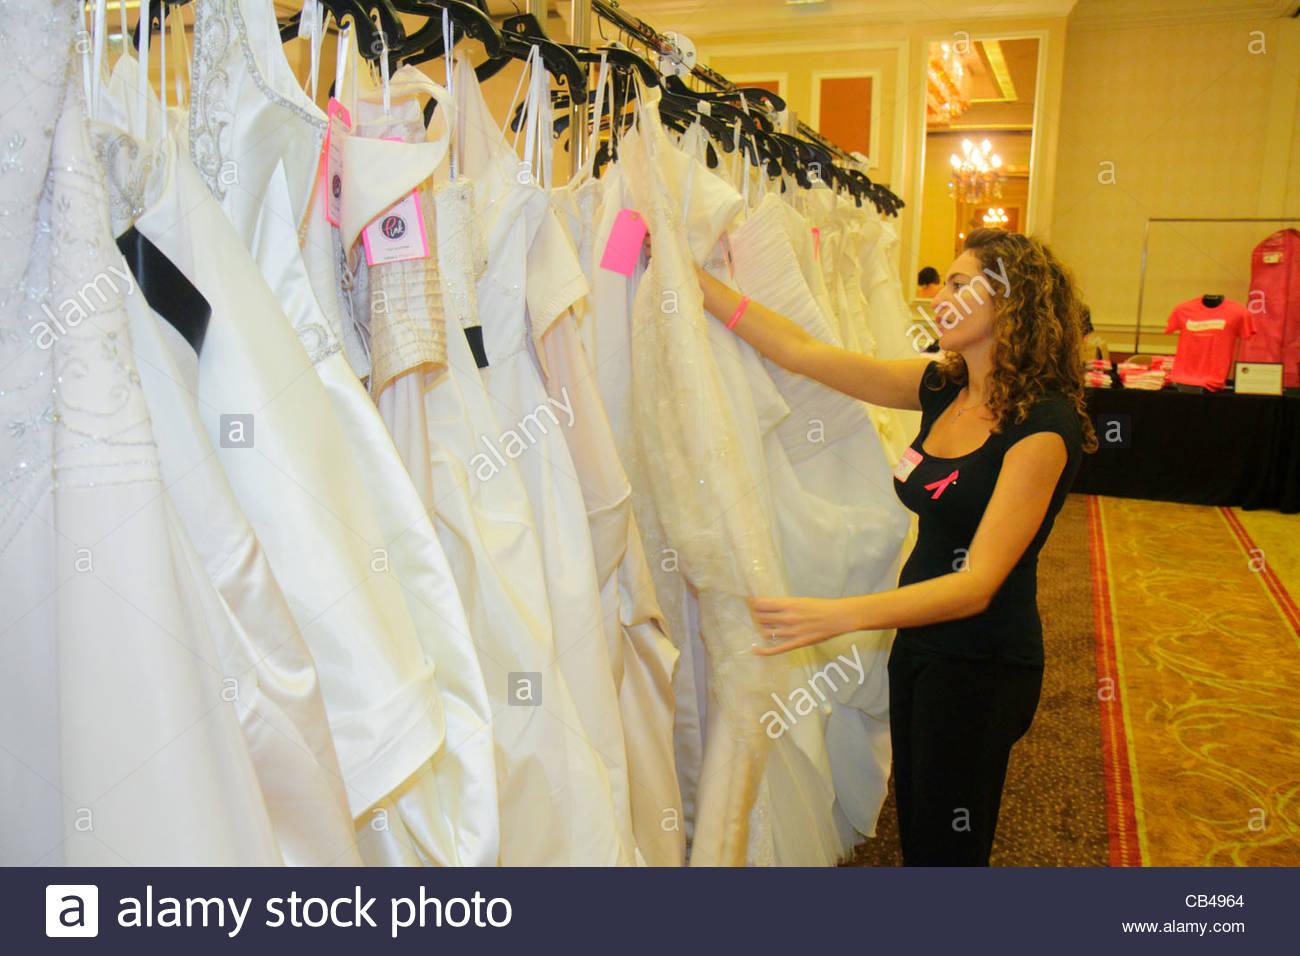 Hotel Ballroom Stockfotos & Hotel Ballroom Bilder - Alamy